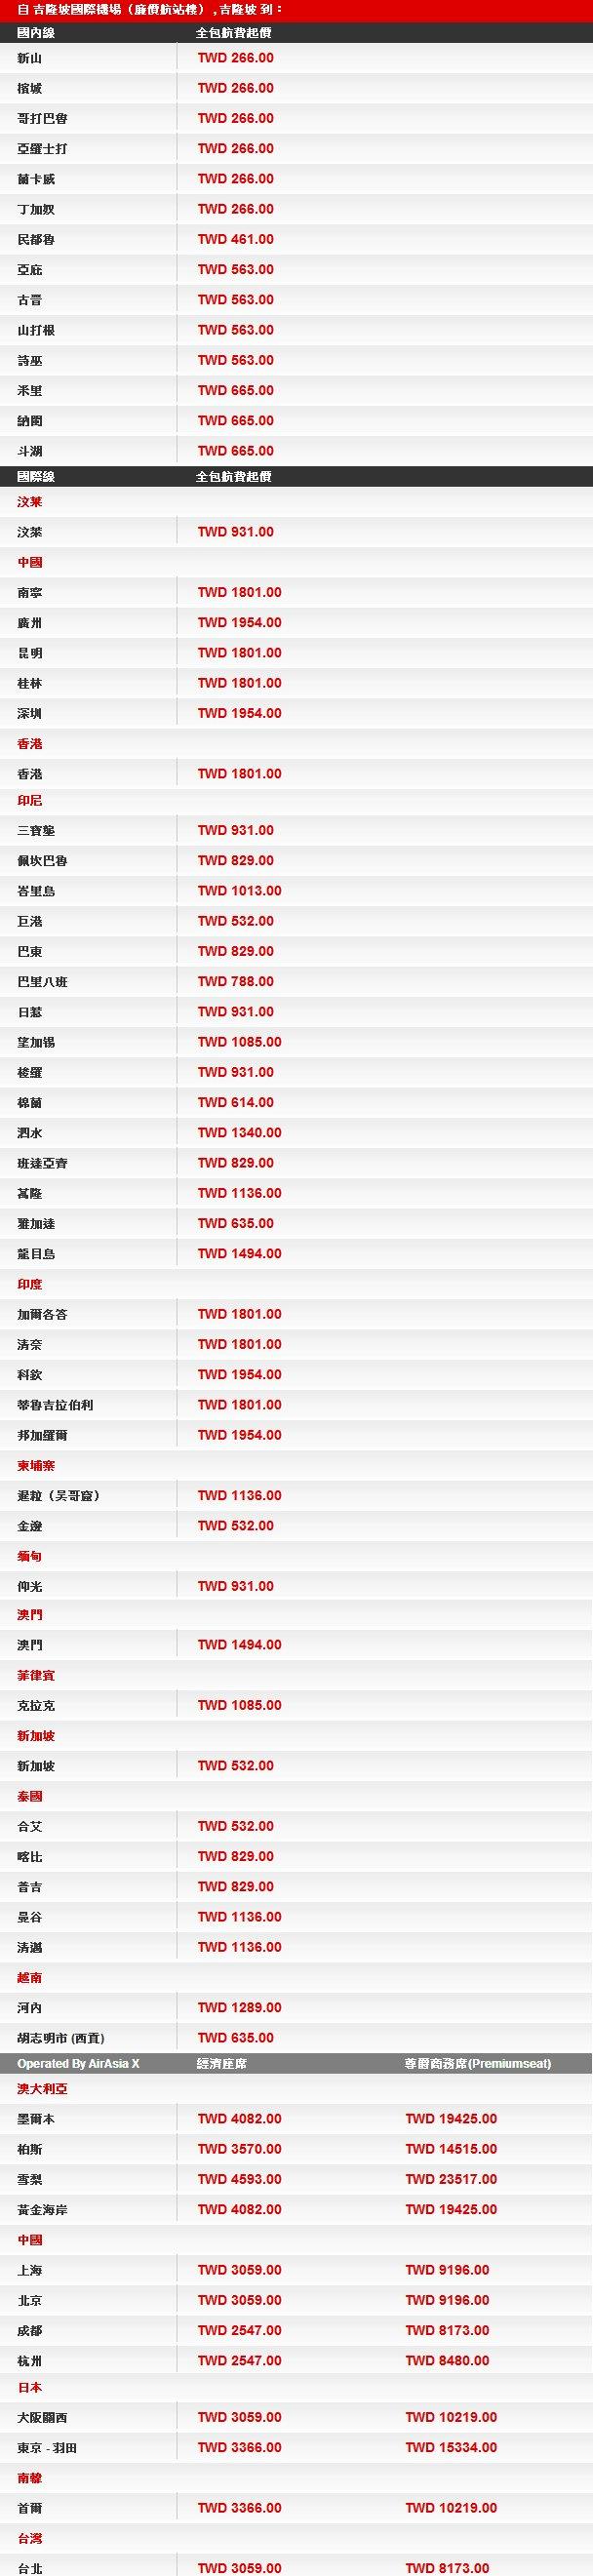 亞洲航空特惠票價表